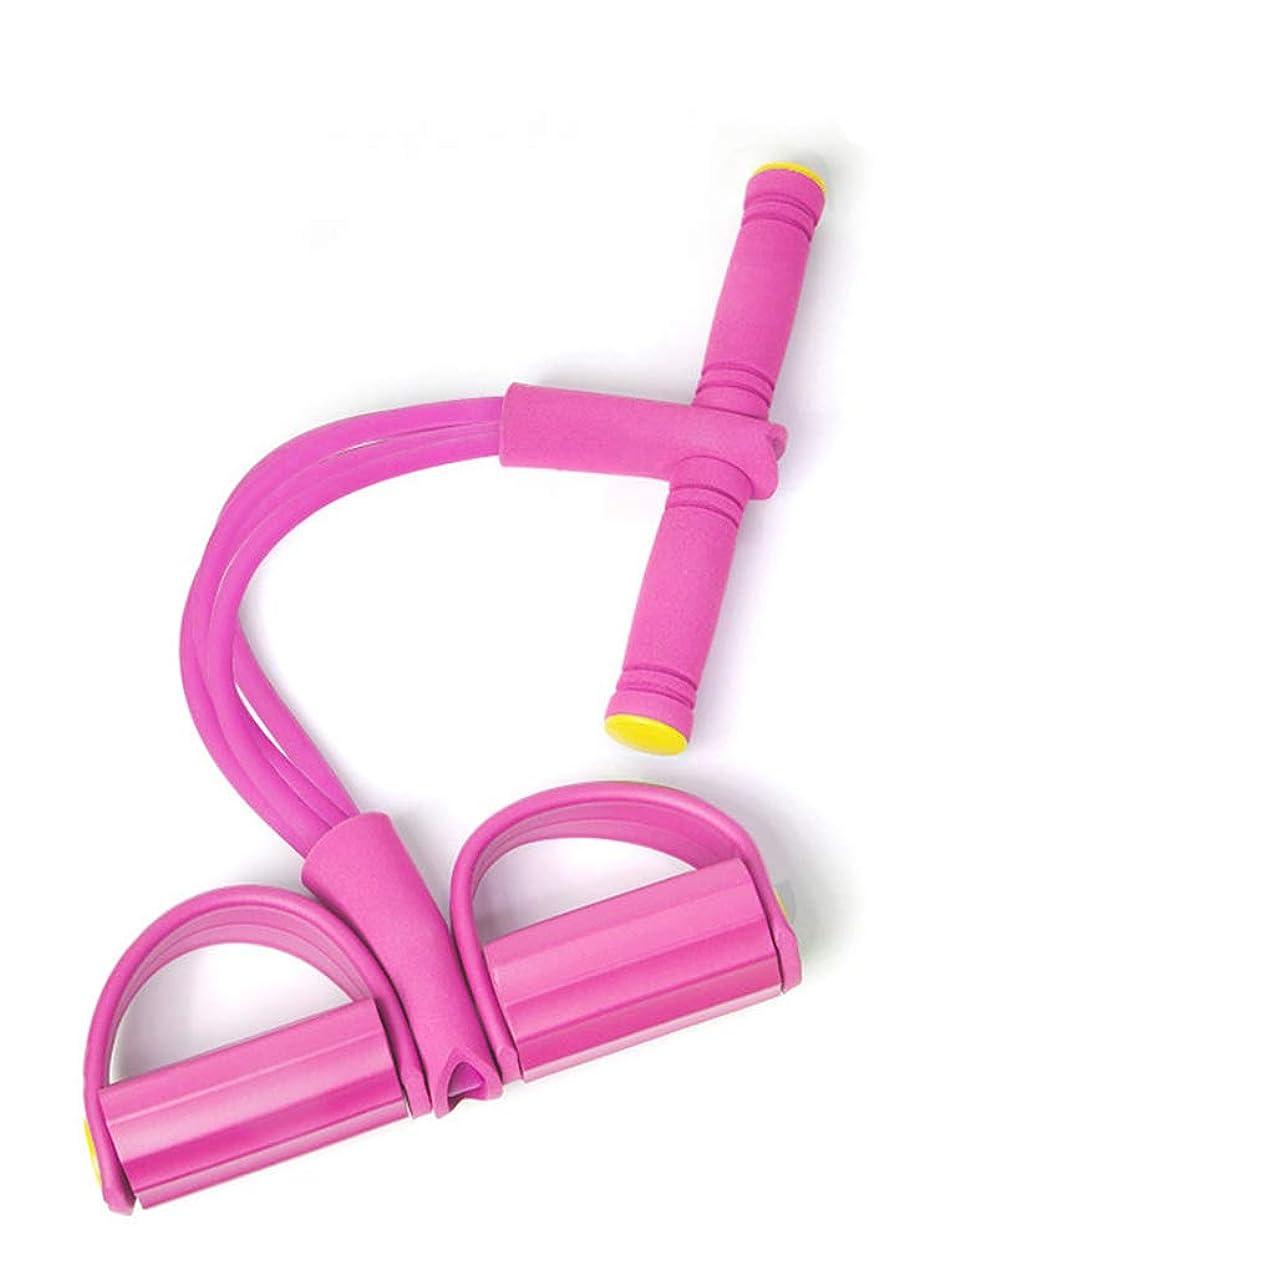 共産主義やさしい泥だらけ抵抗バンド装置シットアッププラー、減量ウエスト腹部ヨガトレーニング整形練習腕/脚/肩/腹部オフィスエクササイズ,Pink